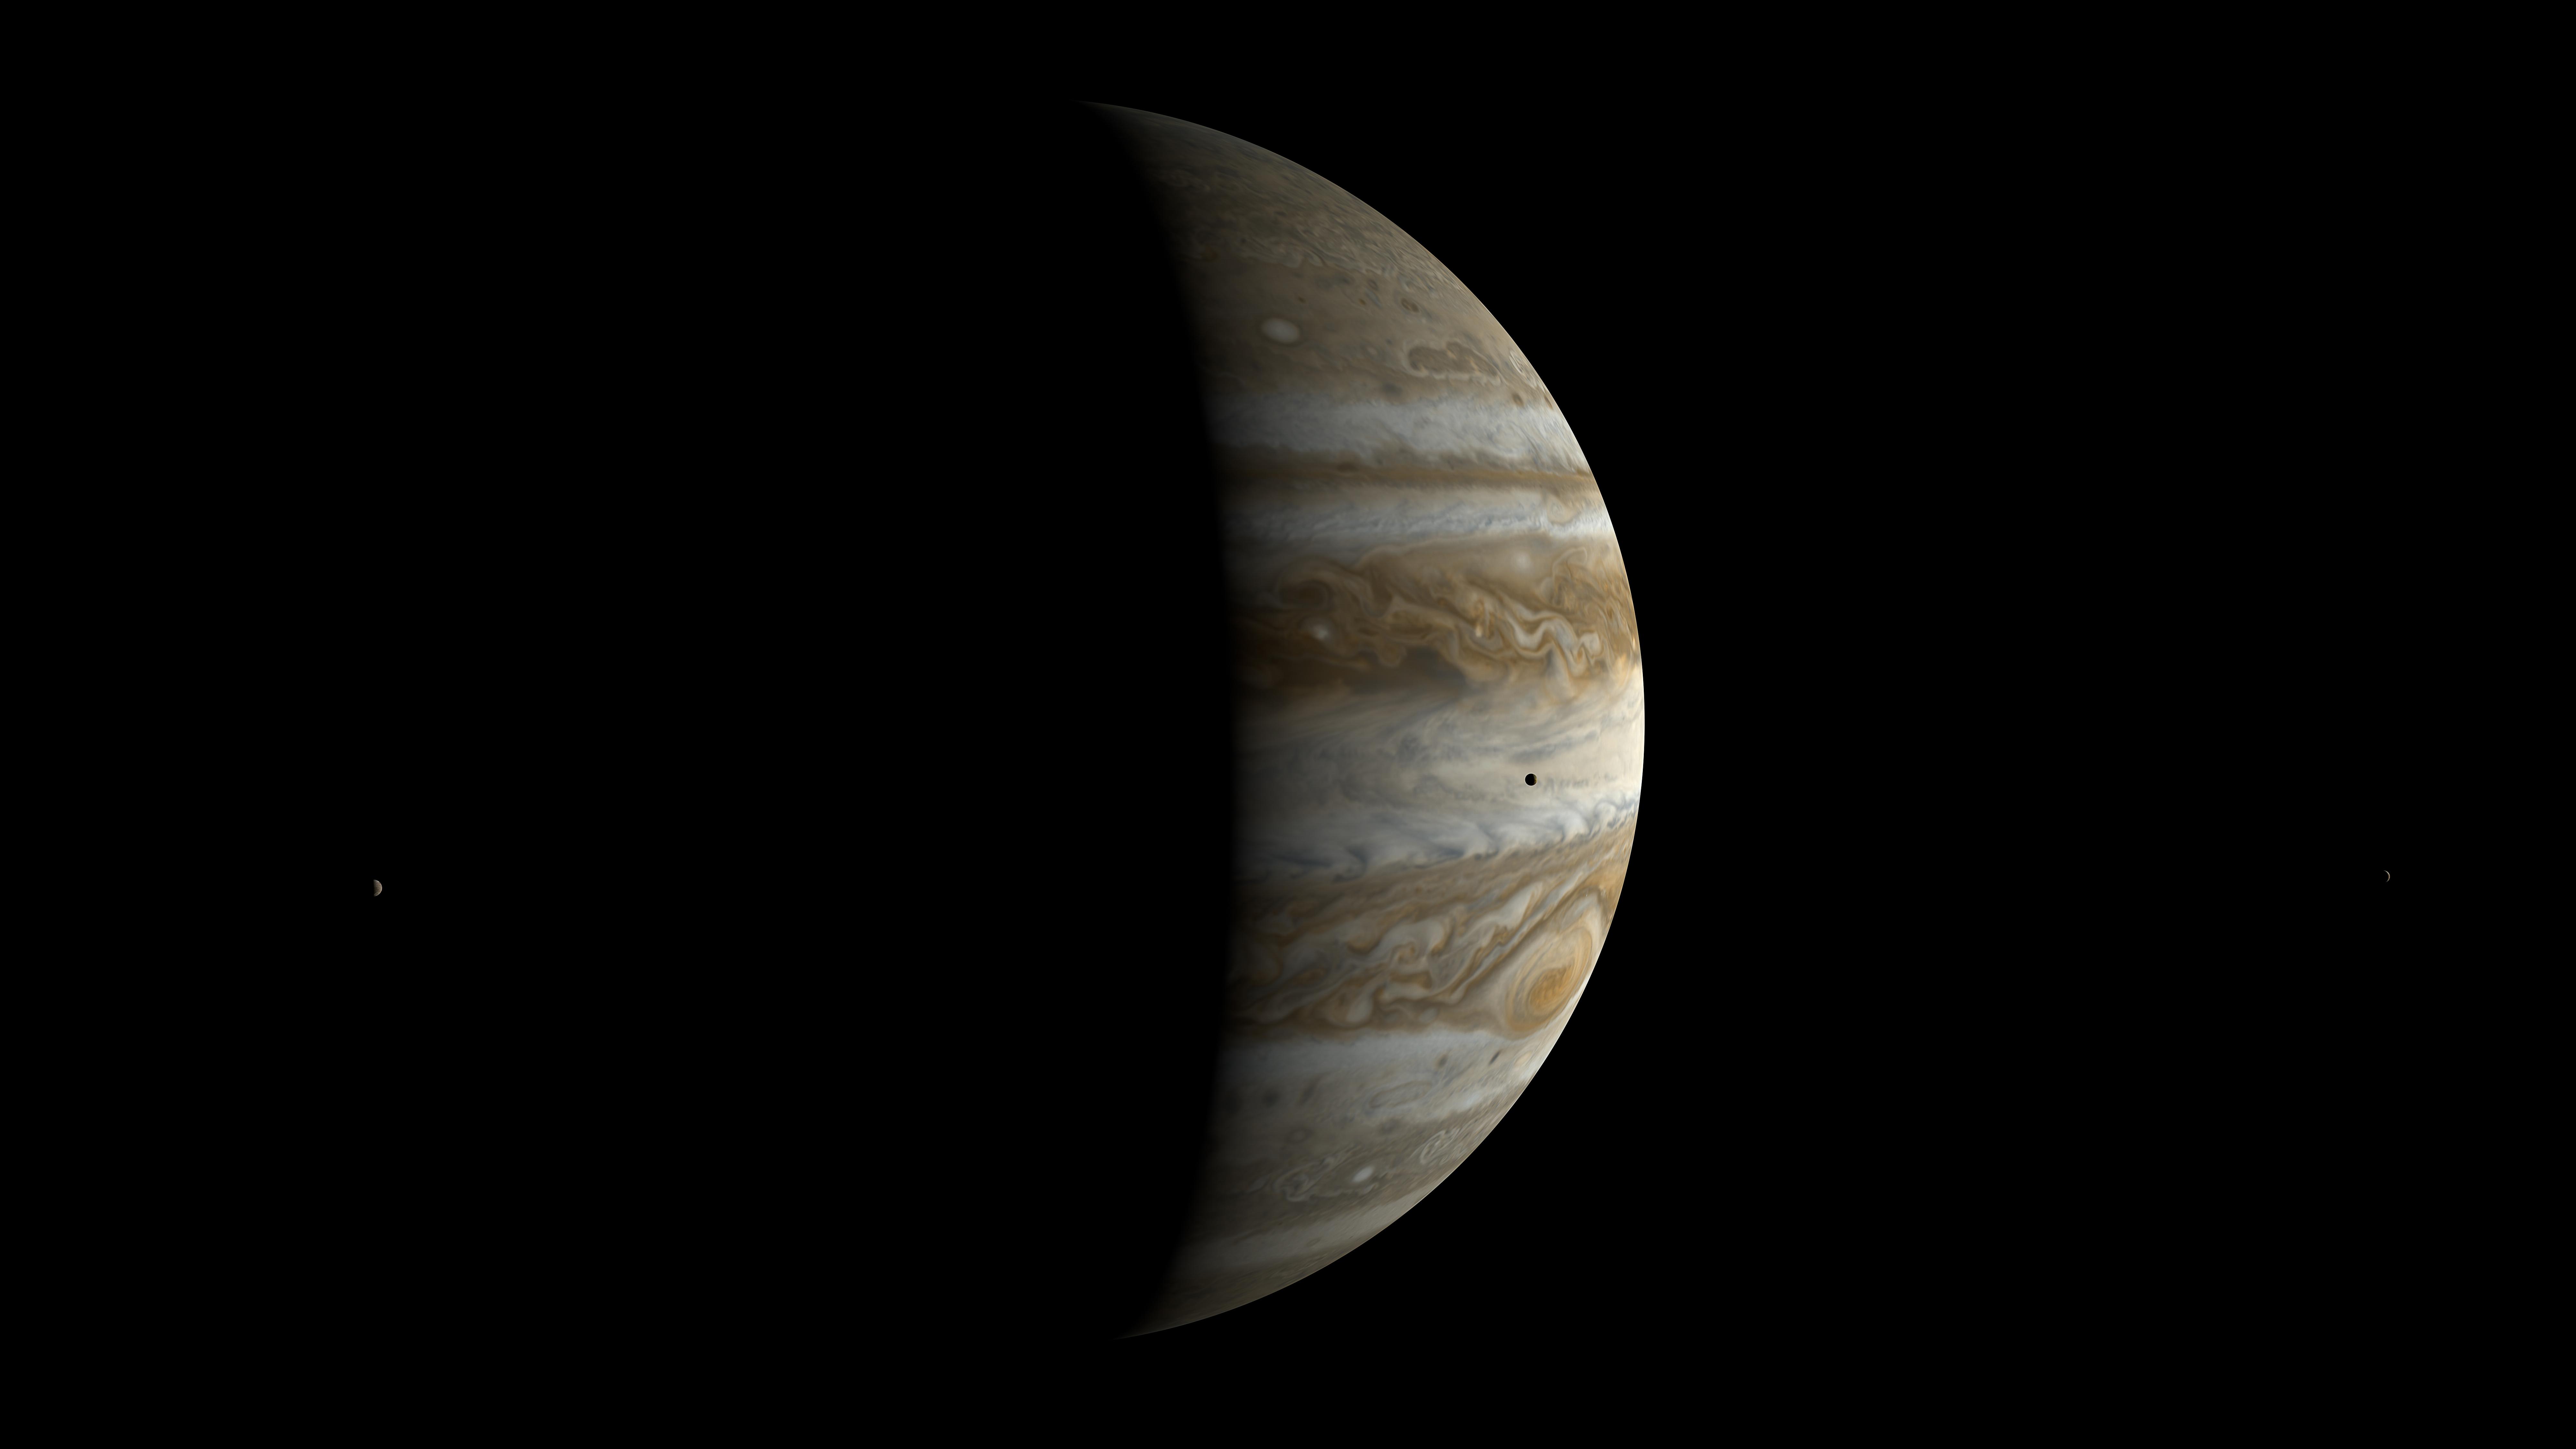 jupiter and its galilean moons - photo #27